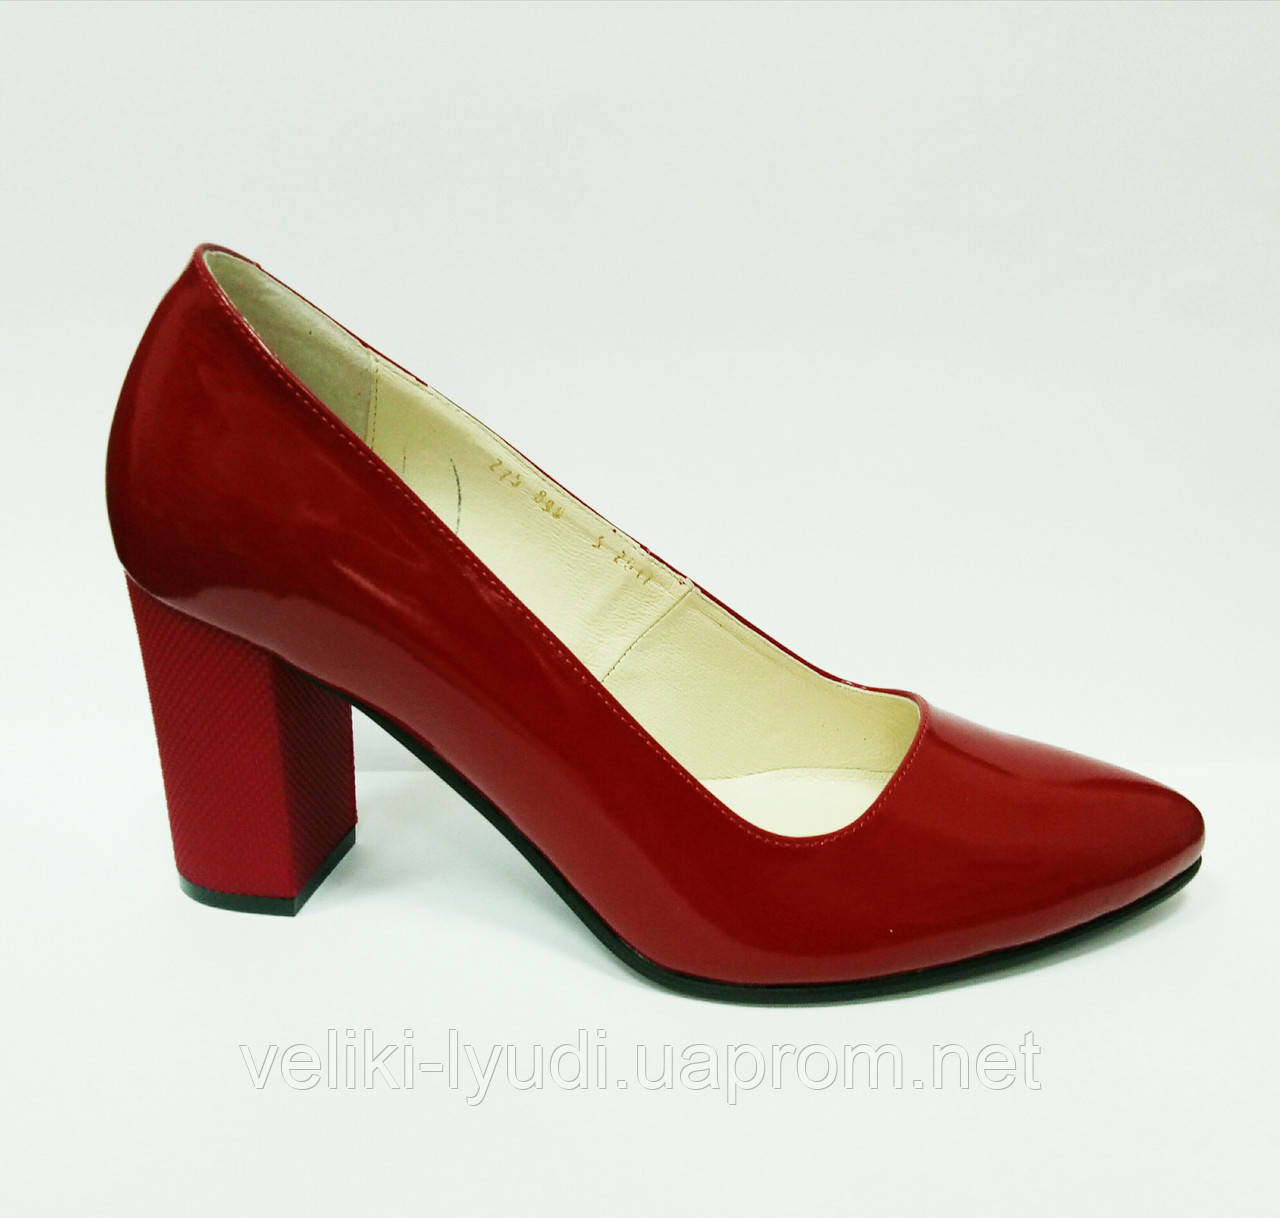 Модные туфли большого размера  продажа, цена в Львове. сандалии ... 9e332271125